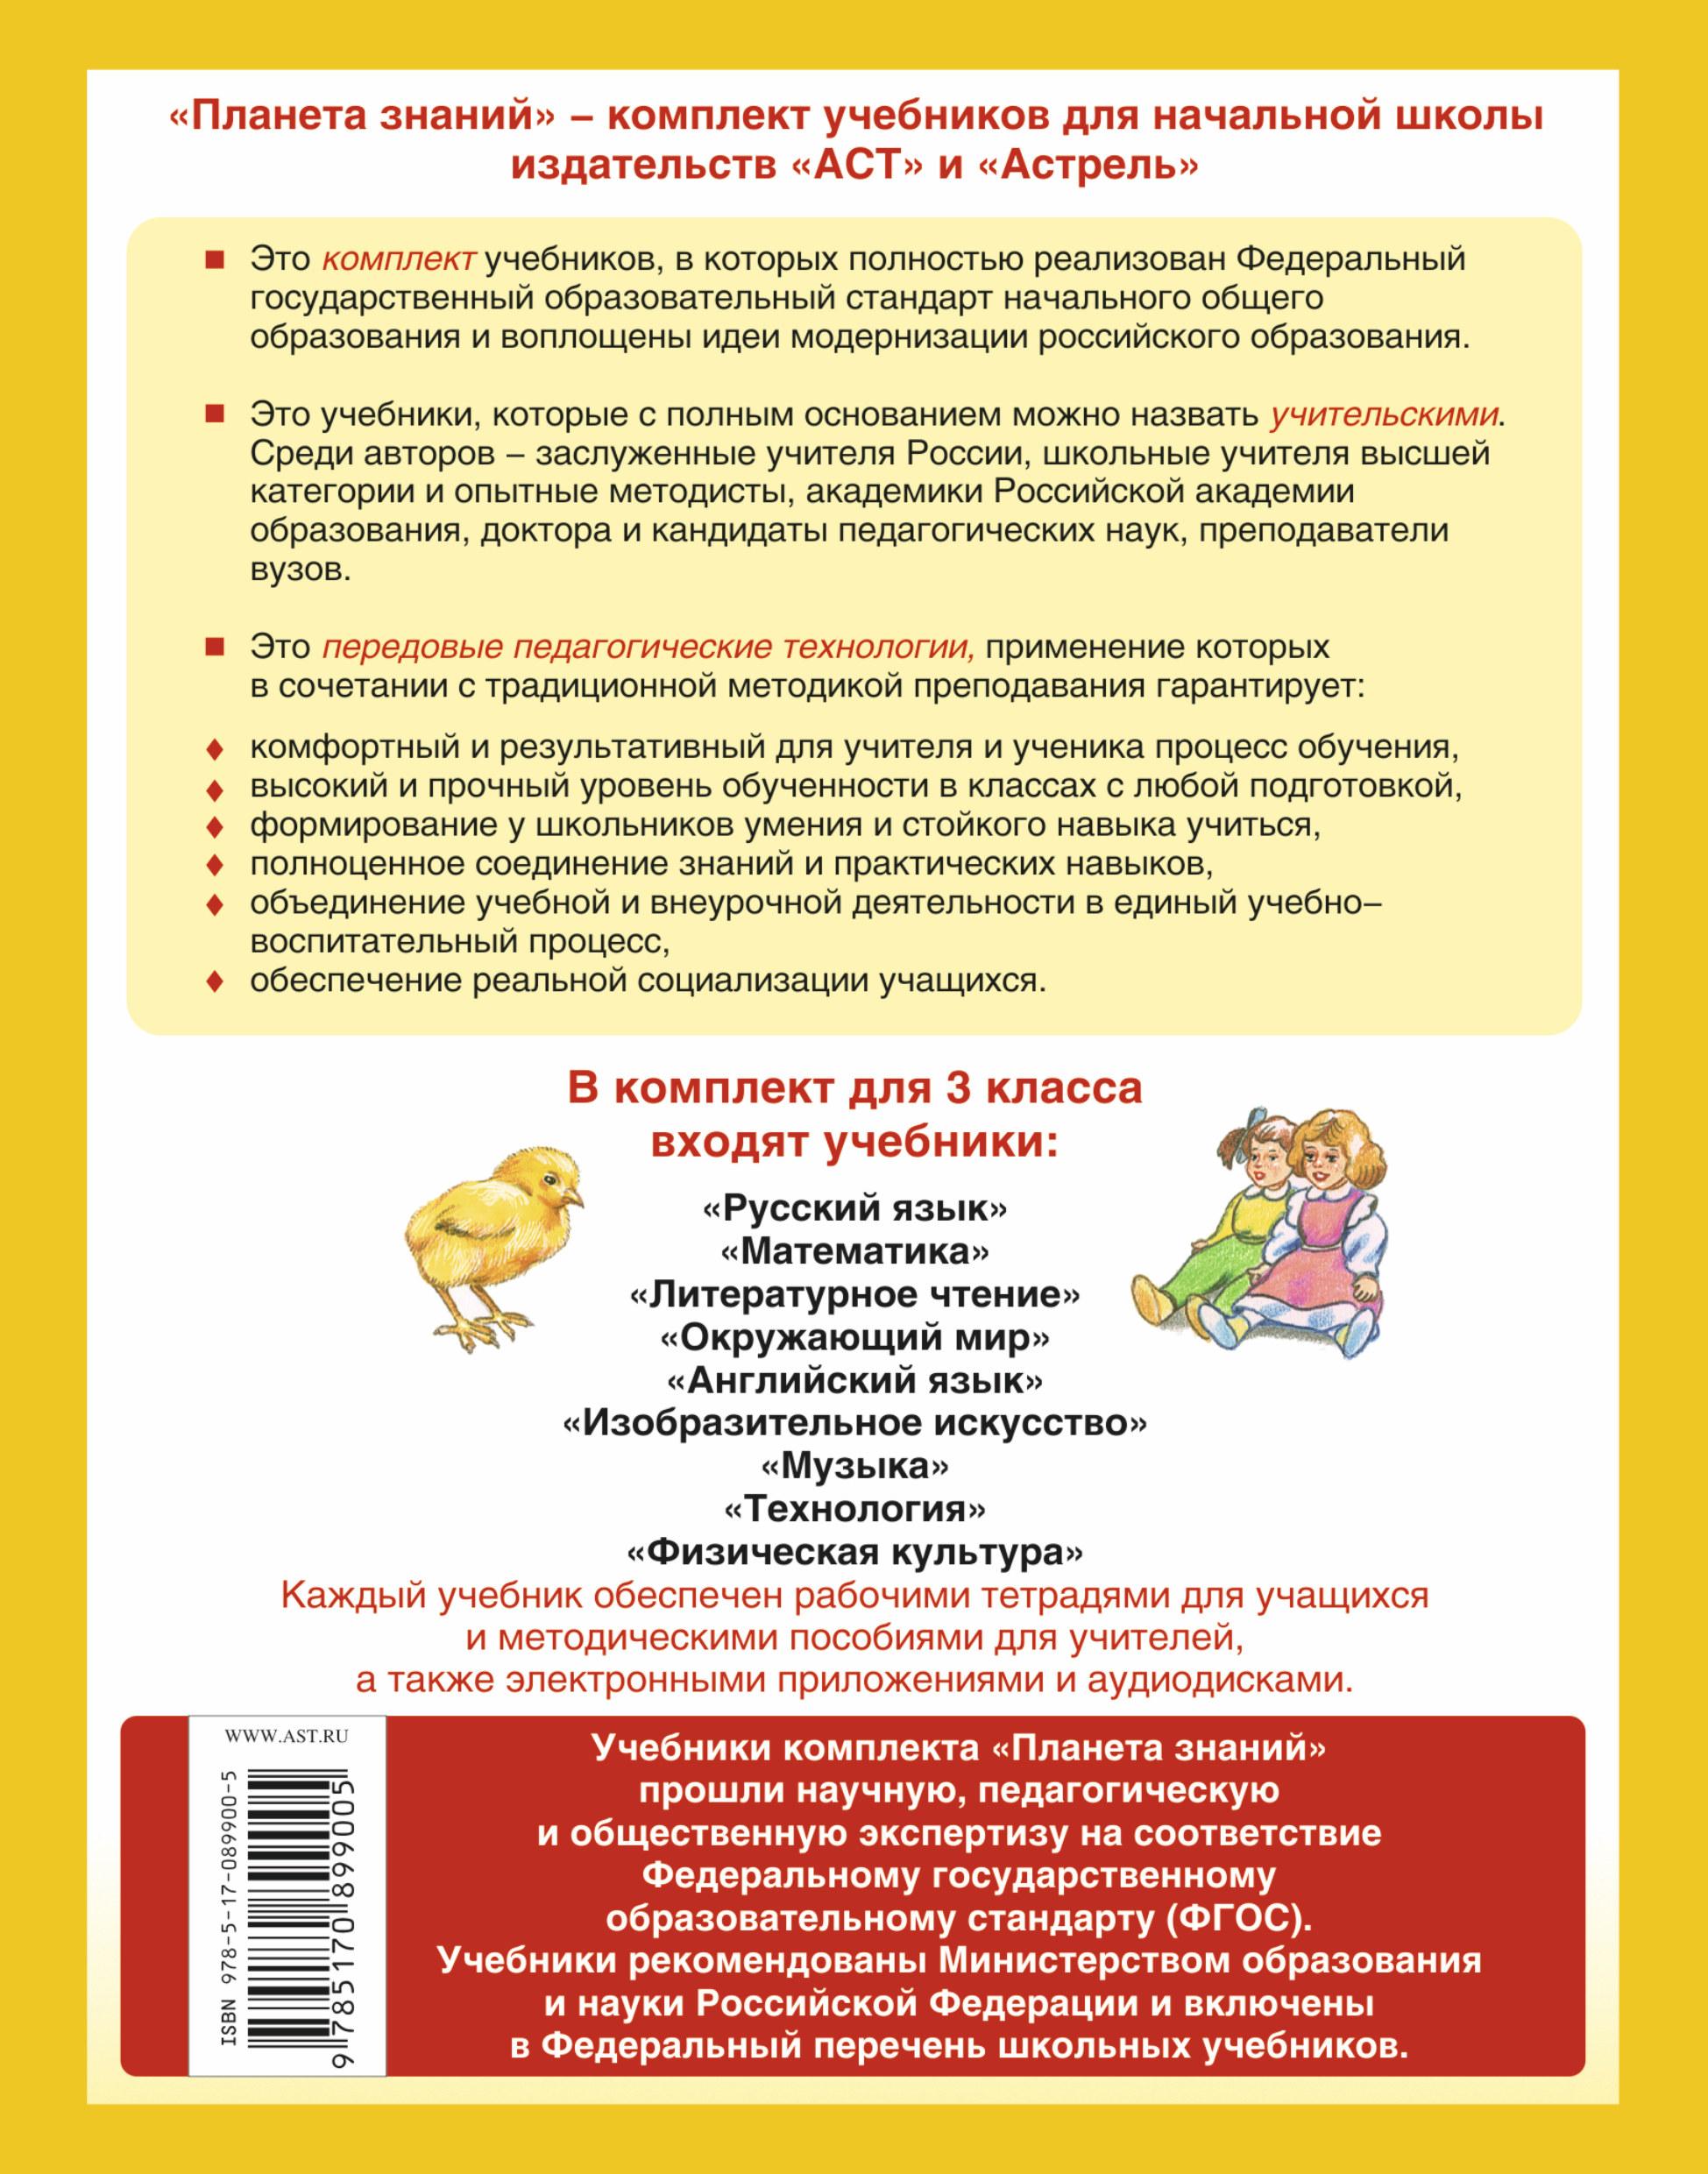 Русский язык. 3 класс. Рабочая тетрадь №2 к учебнику Л. Я. Желтовской, О. Б. Калининой